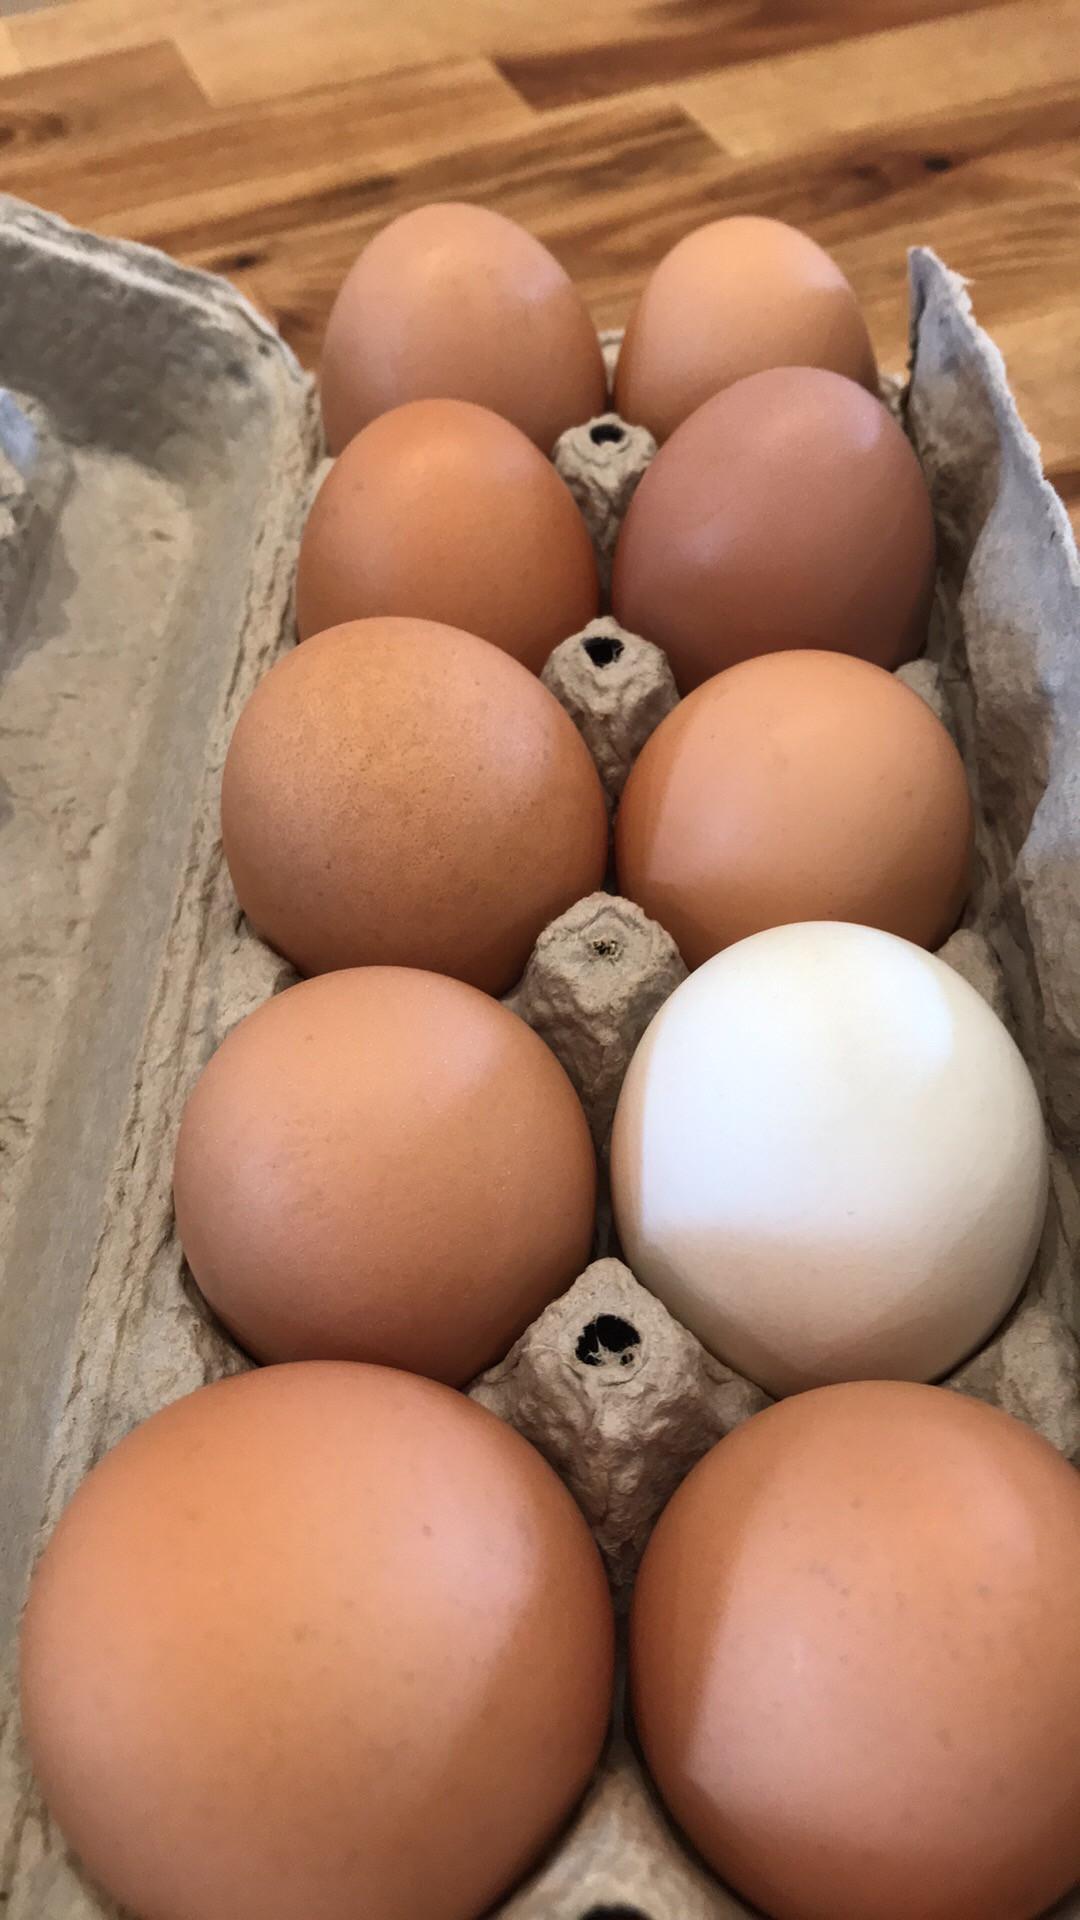 Dozen Large - jumbo Eggs